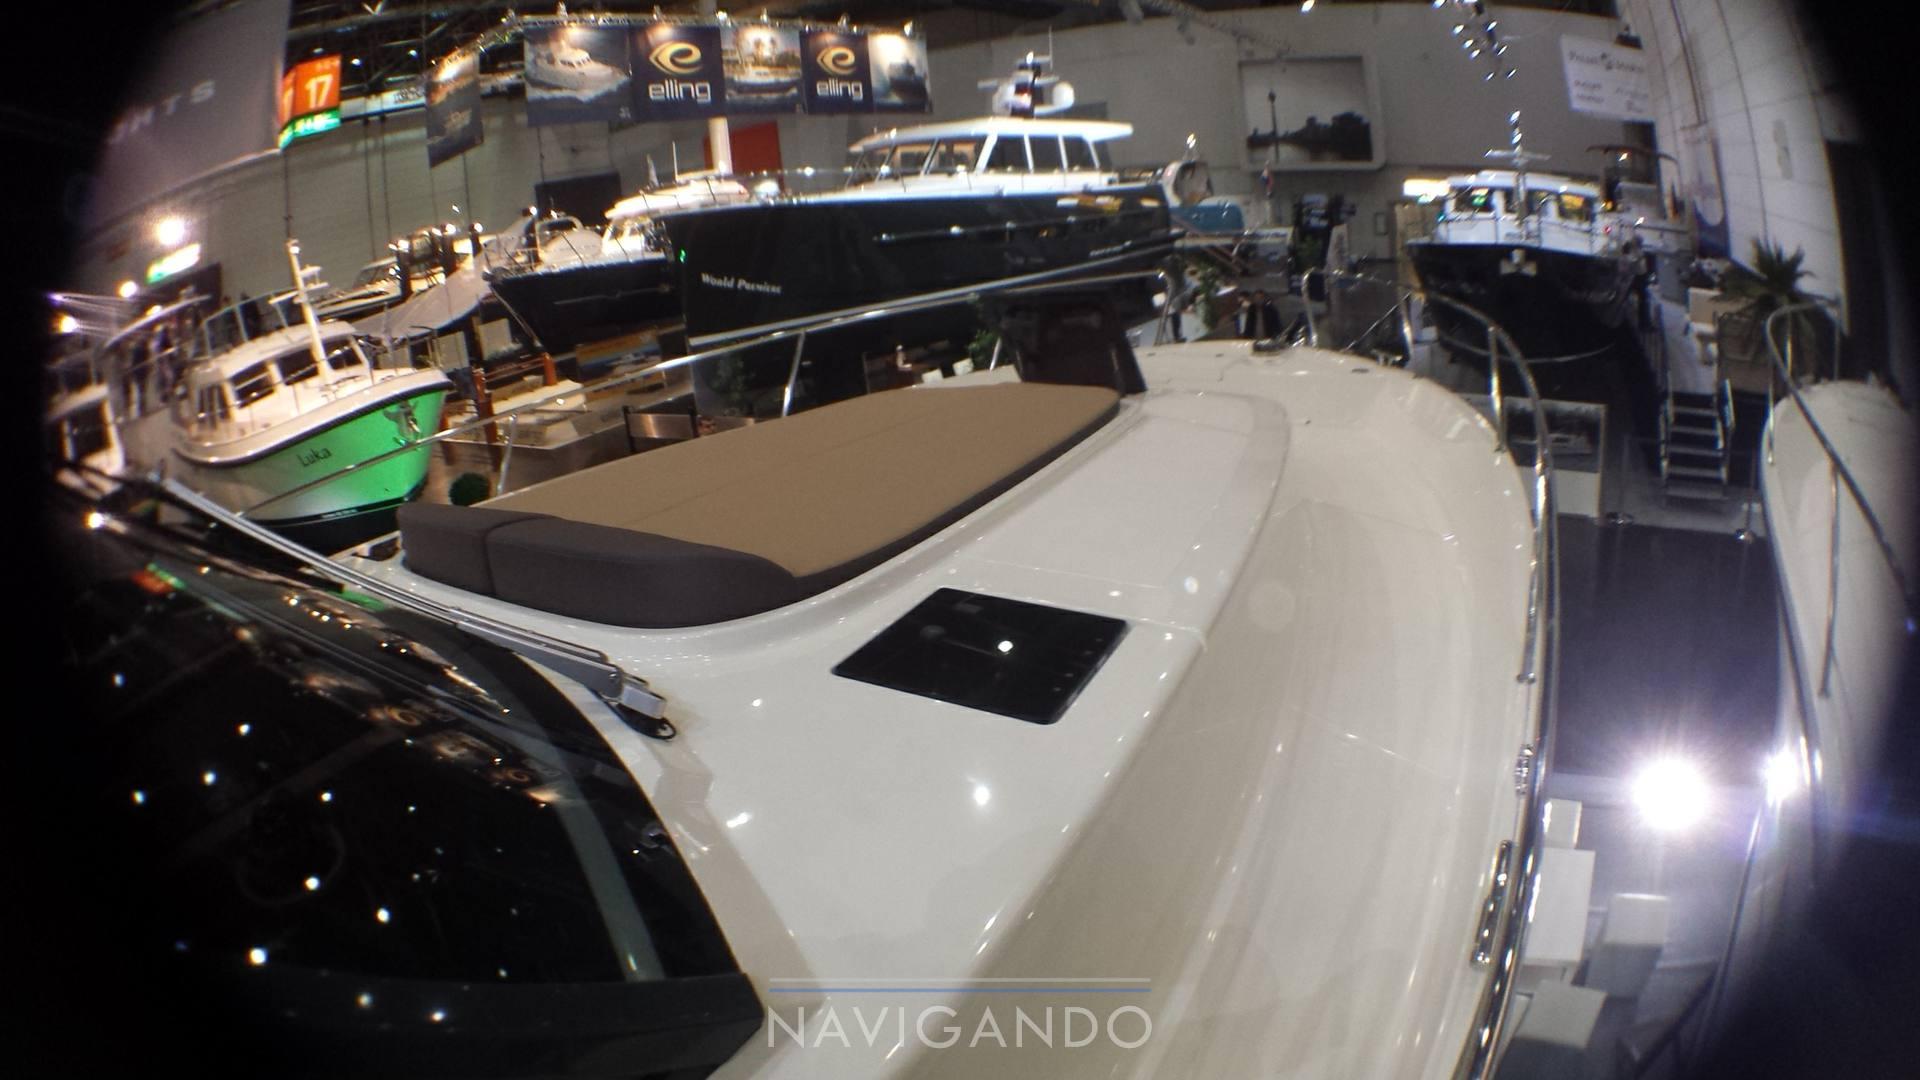 Delphia Escape 1100 s Motor boat new for sale